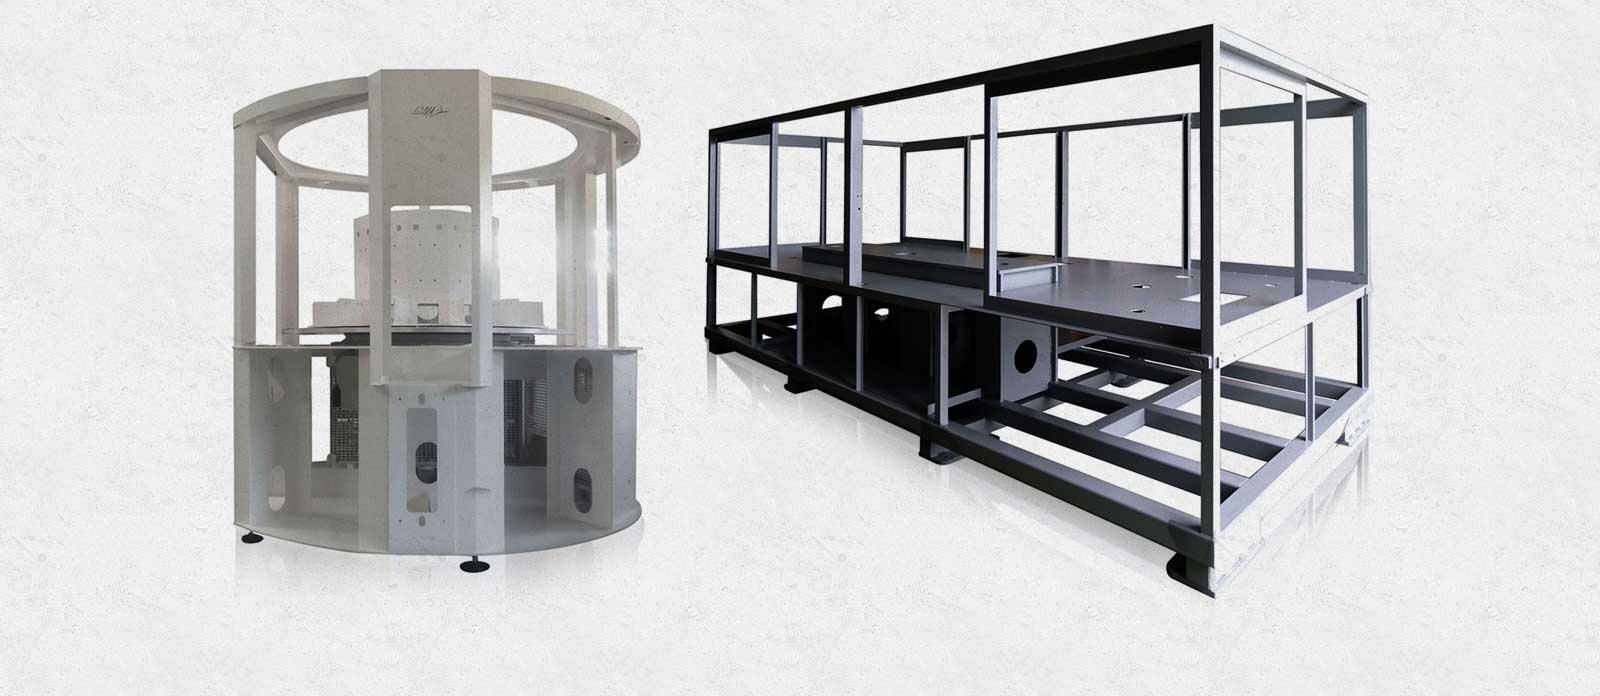 La division tôlerie de DMA Groupe, fabricant de pièces de tôlerie et de chaudronnerie